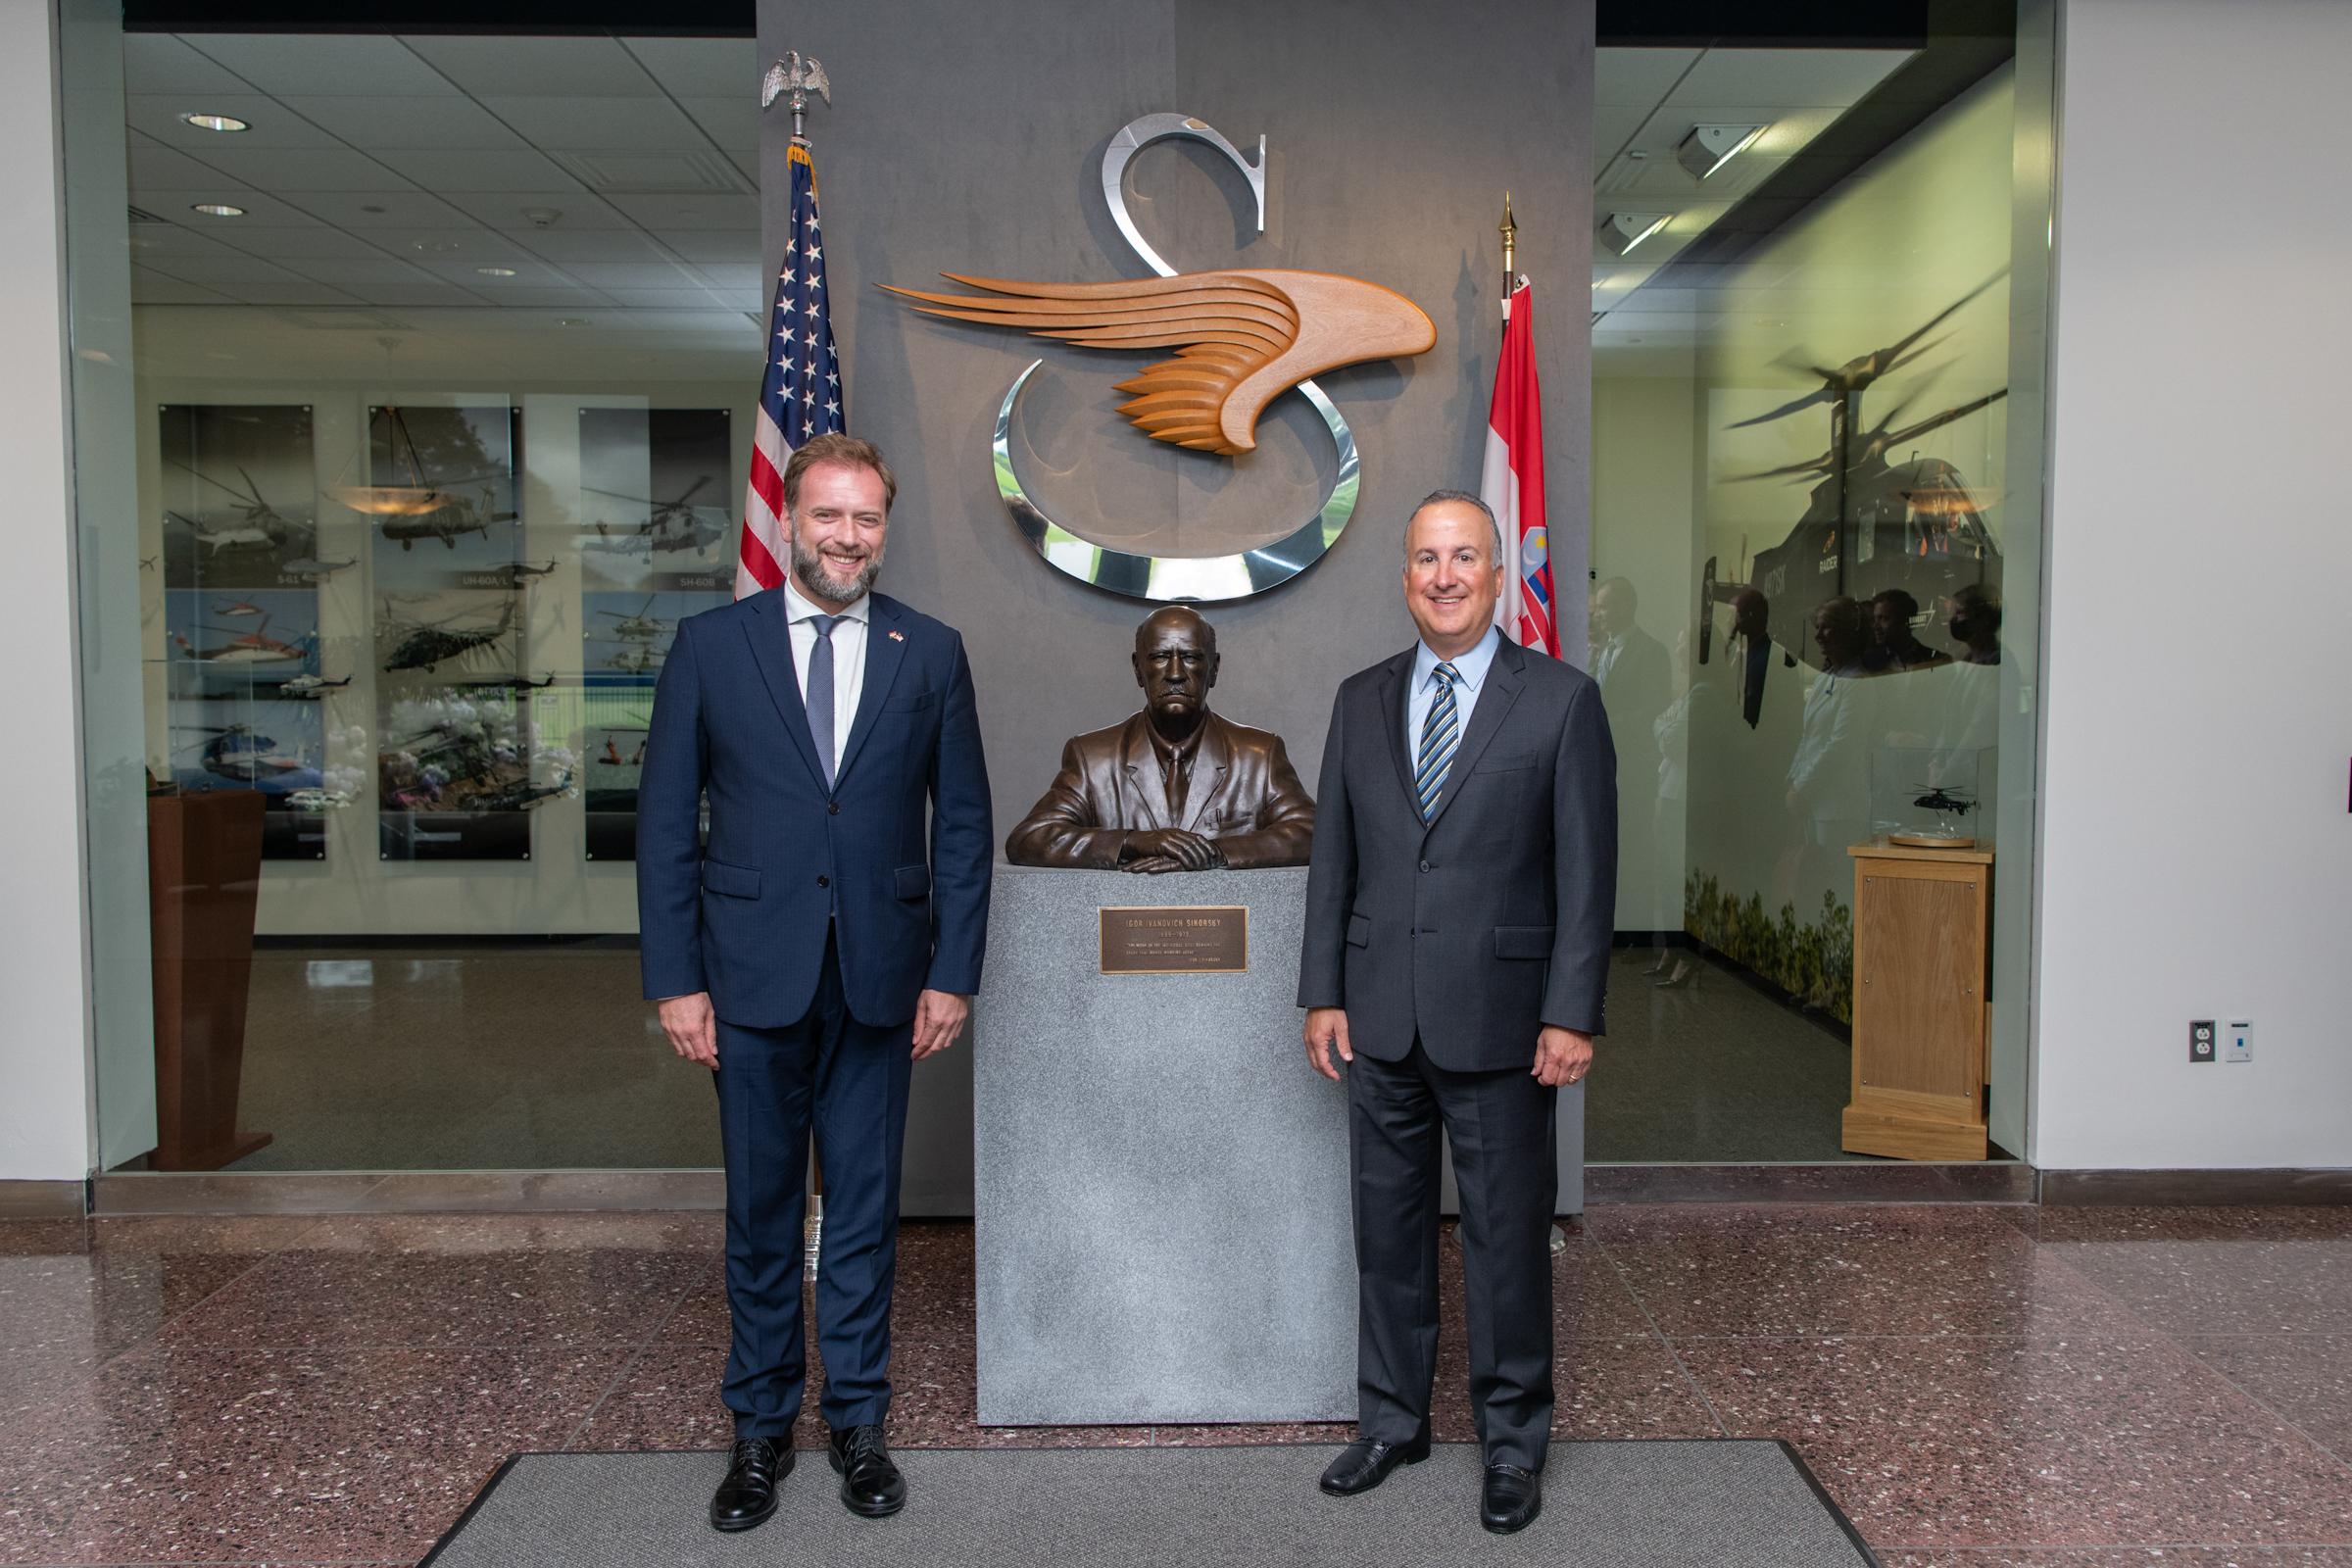 Ministar Banožić i admiral Hranj s izaslanstvom tvrtke 'Sikorsky' u Connecticutu